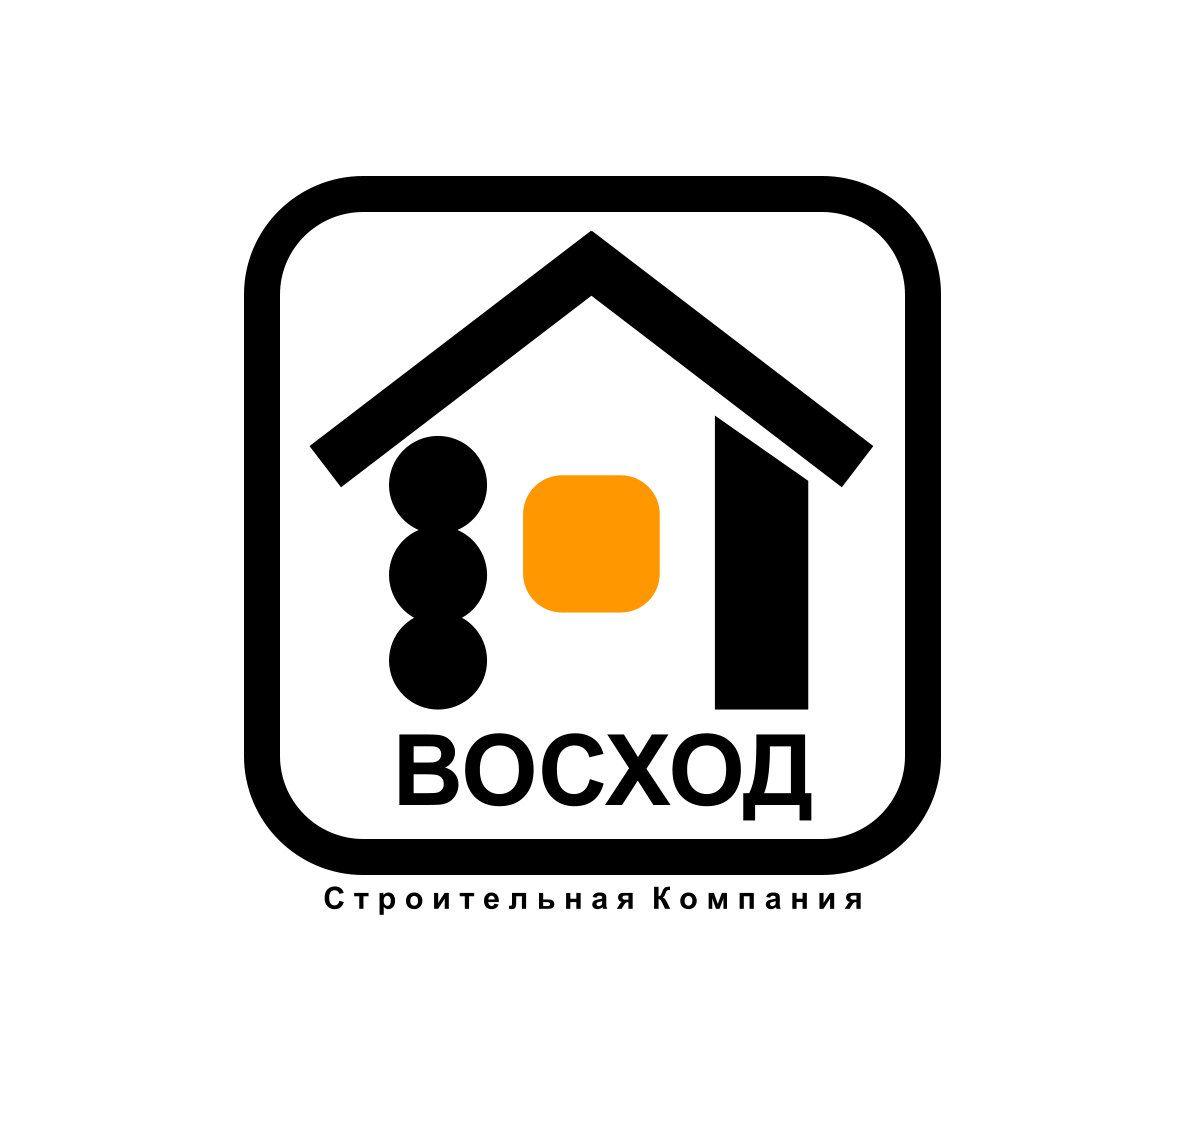 Логотип для строительной компании - дизайнер wmas